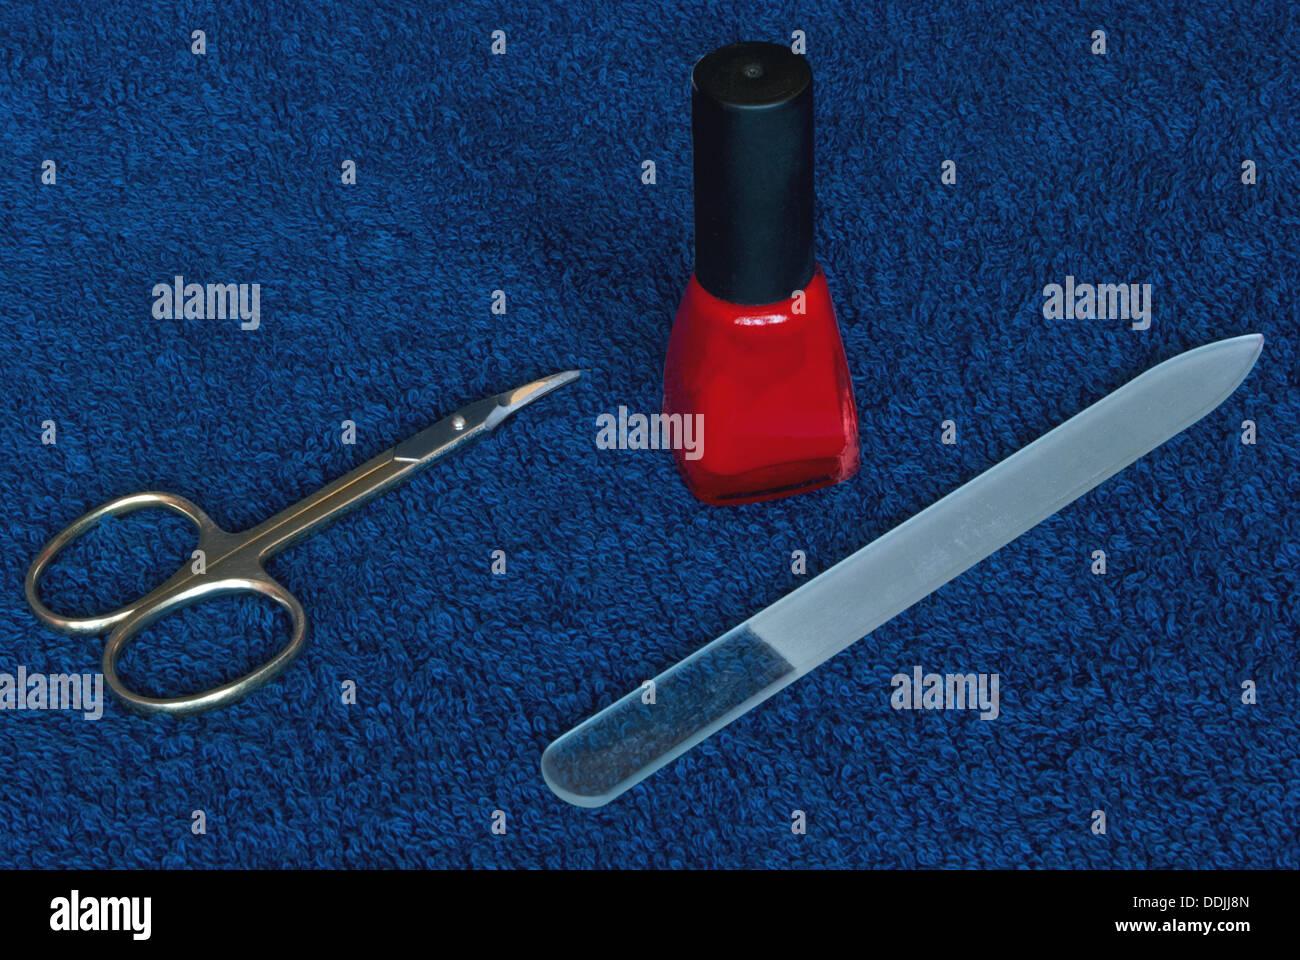 Composition de manucure. Ciseaux à ongles et lime à ongles. Photo Stock